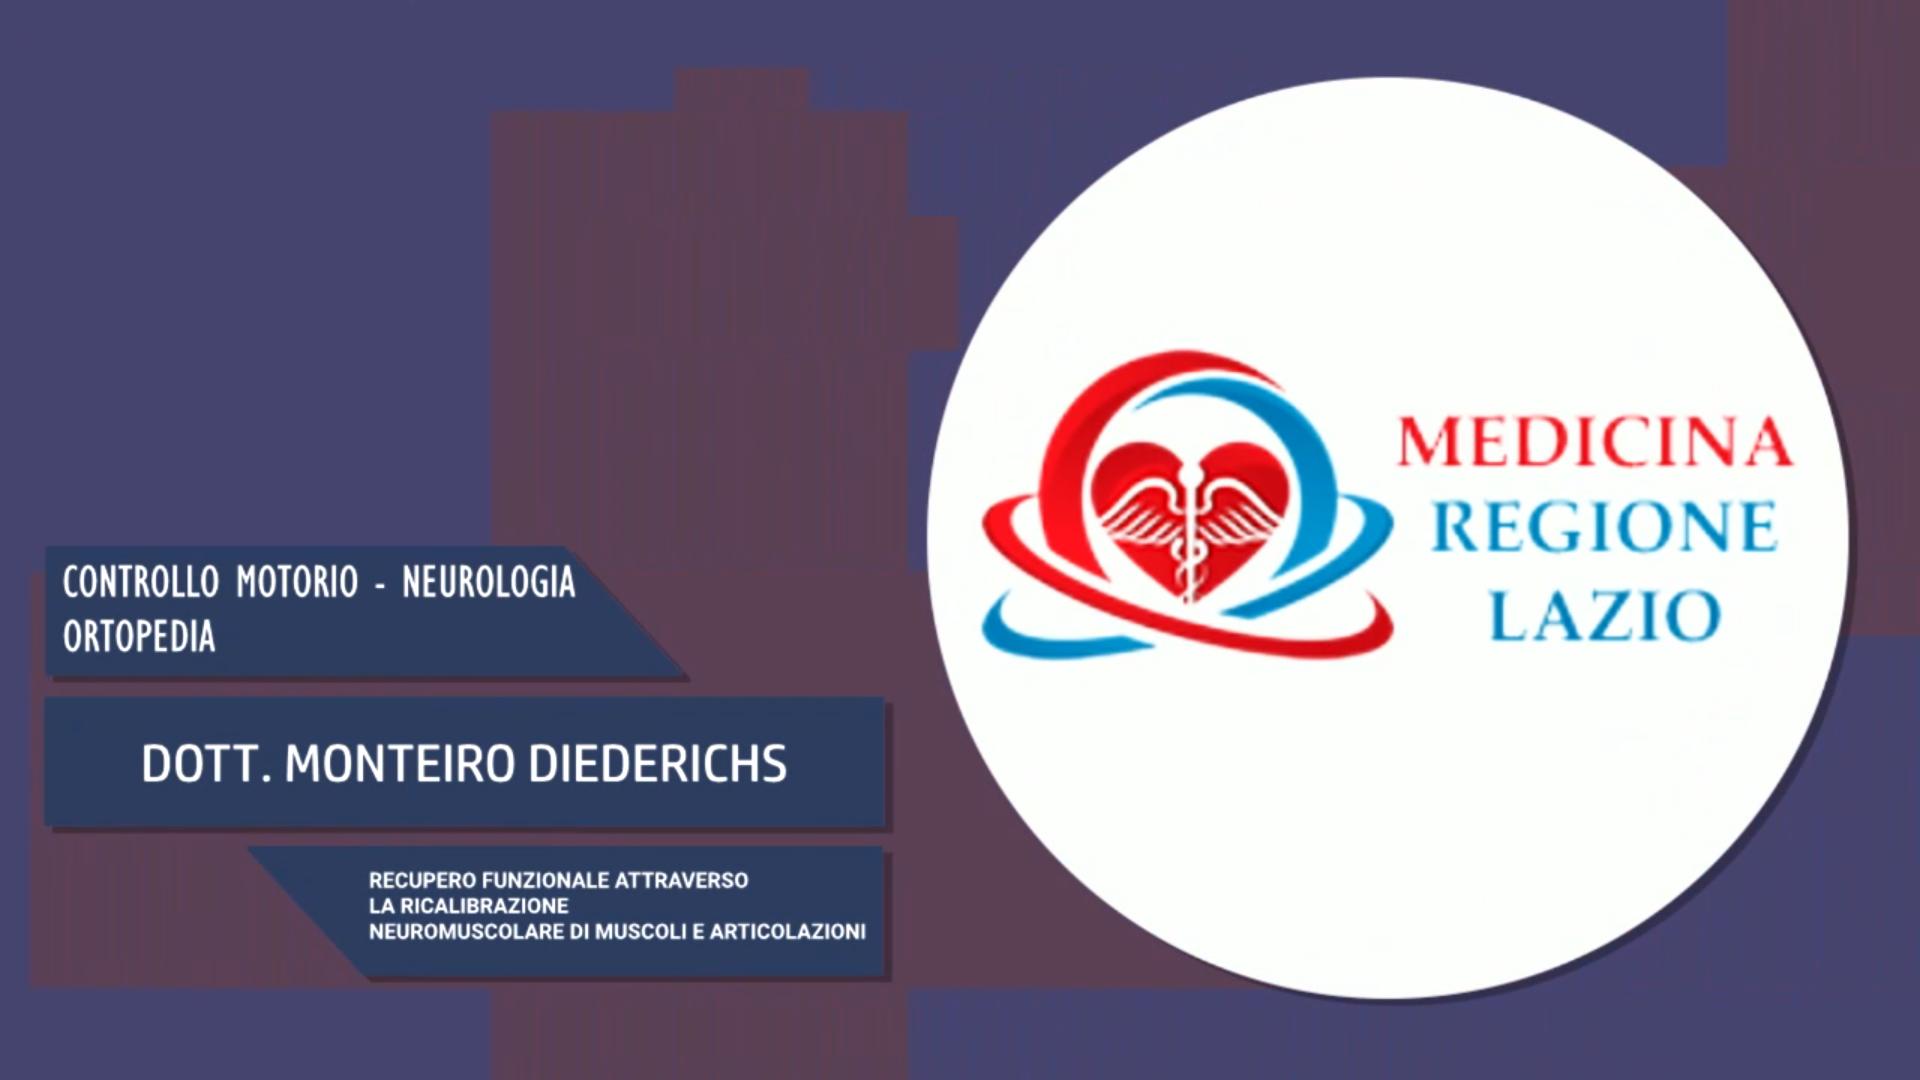 Intervista al Dott. Monteiro Diederichs – Recupero funzionale